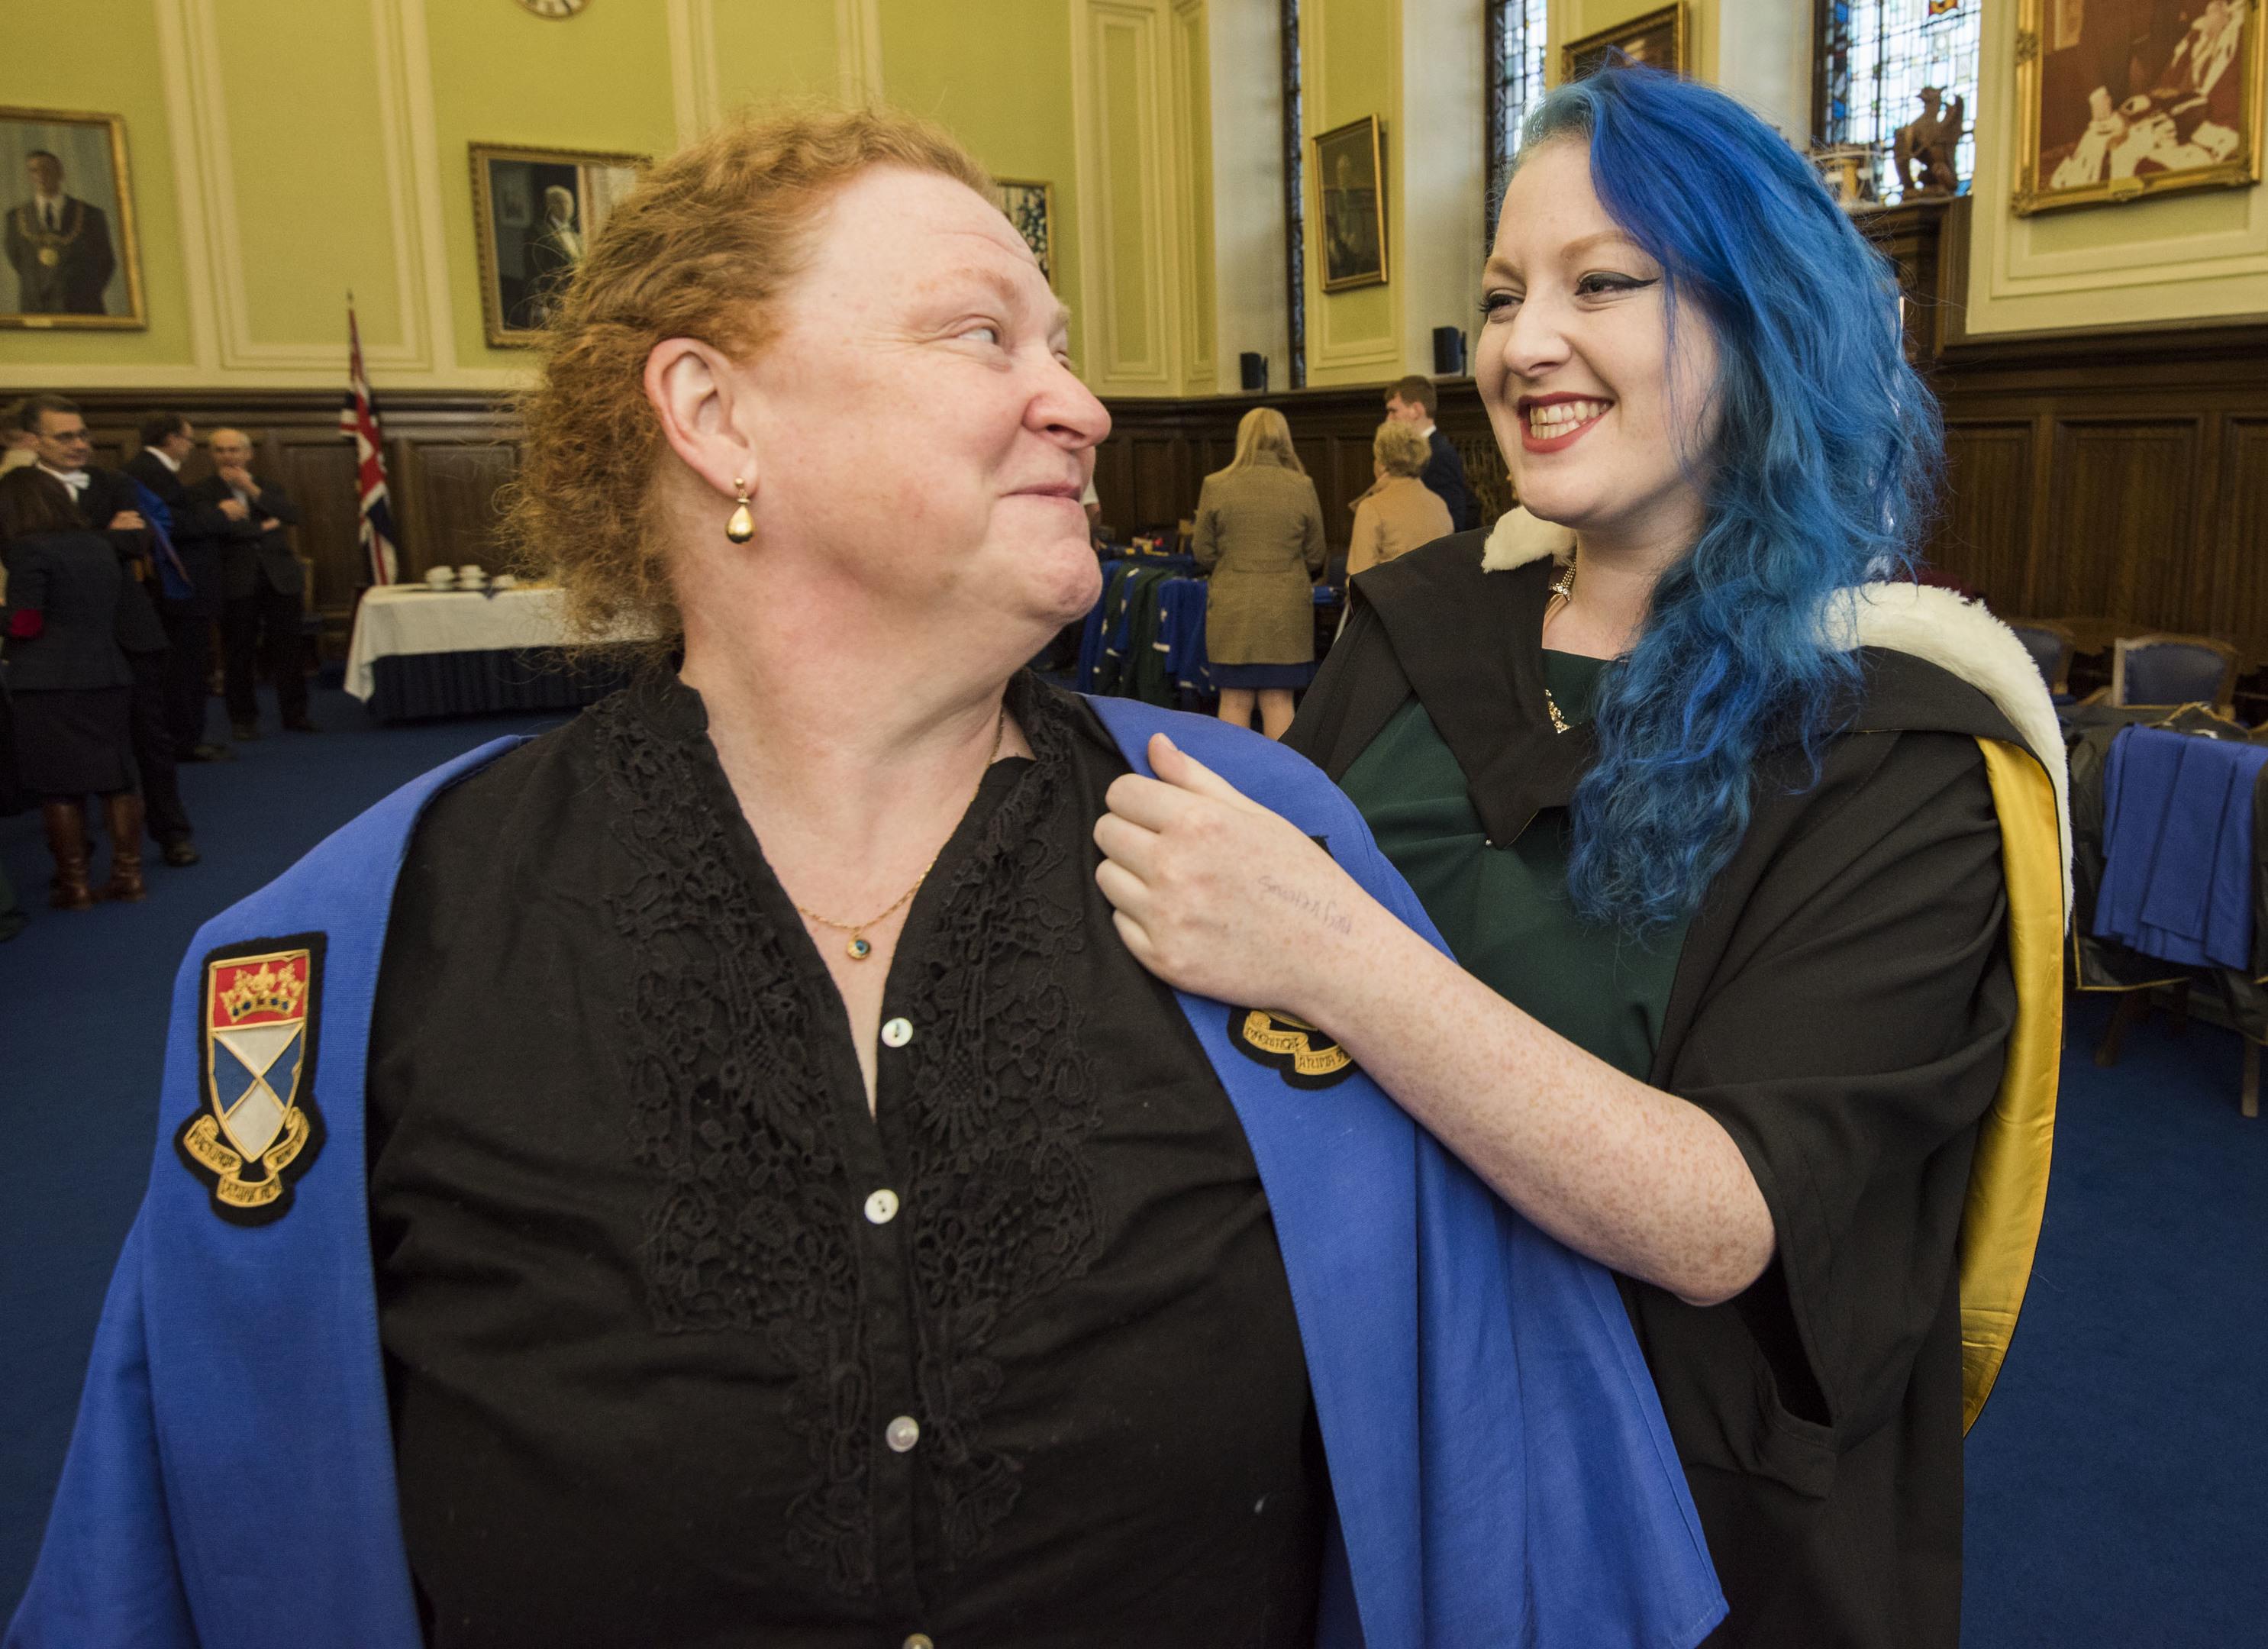 Grace helps her mother, Professor Sue Black